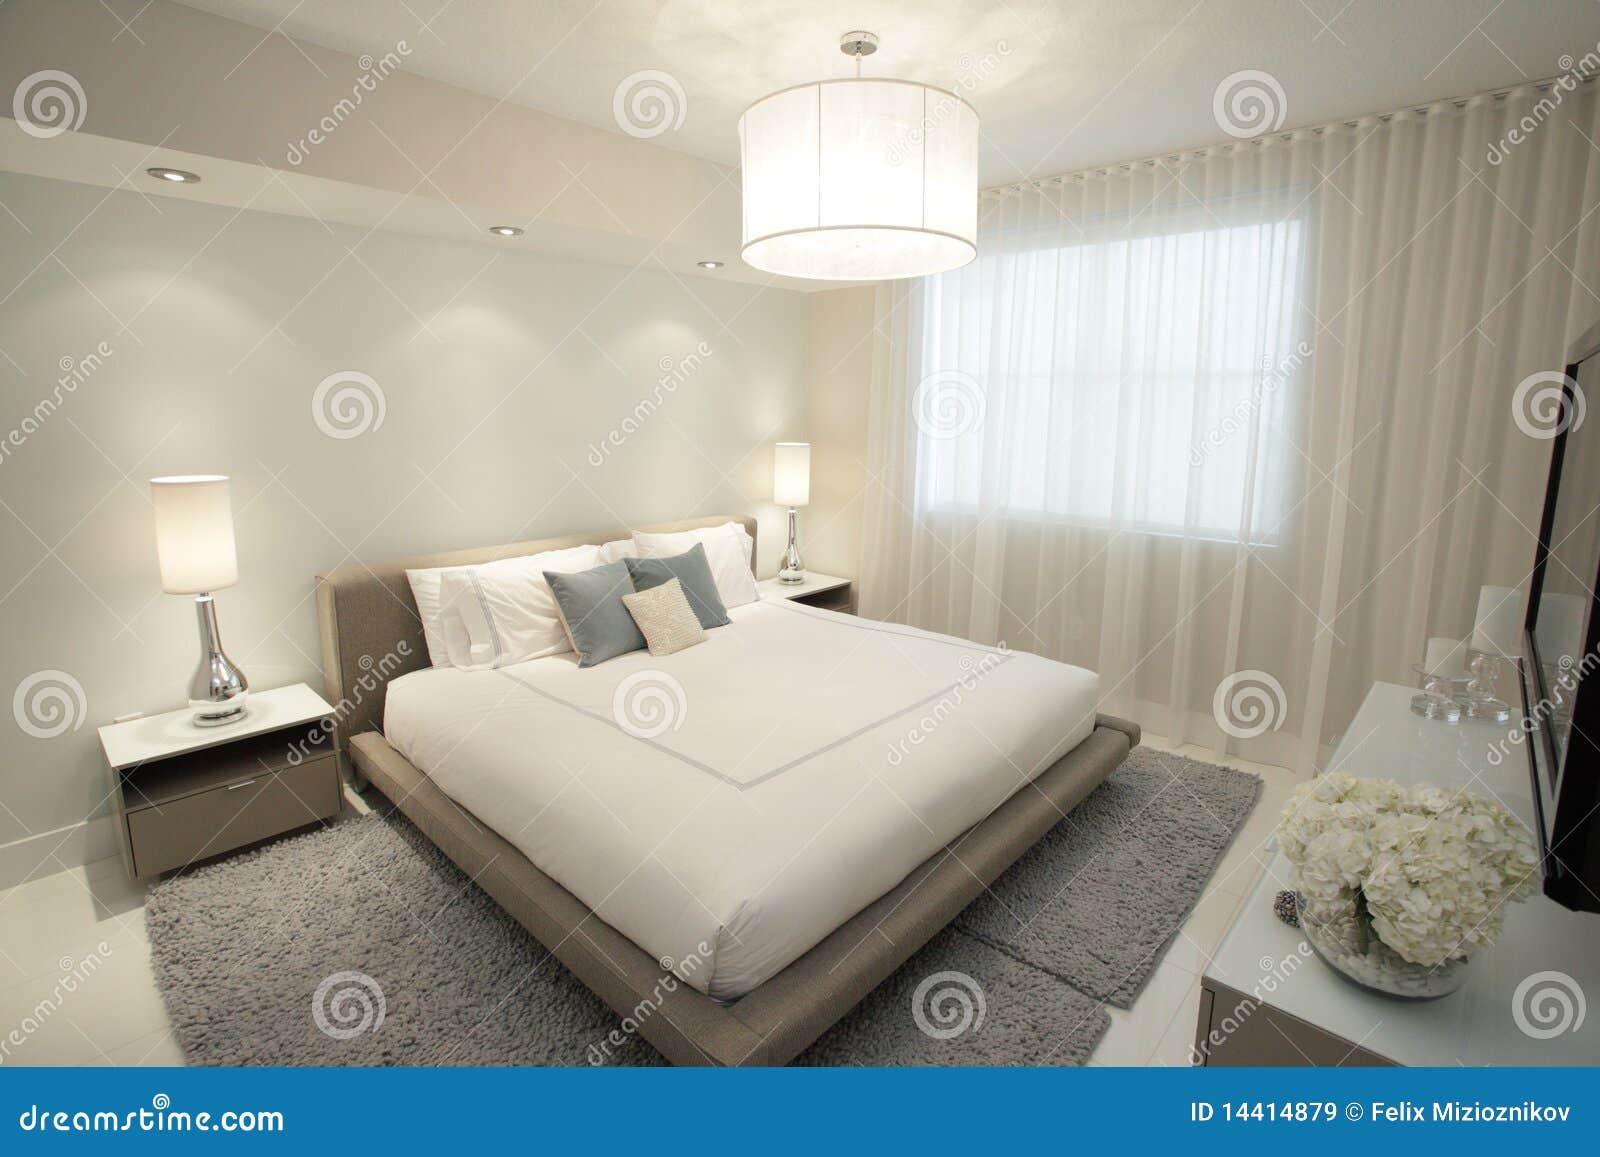 Lampadari In Camera Da Letto contemporary bedroom stock image. image of design, decor